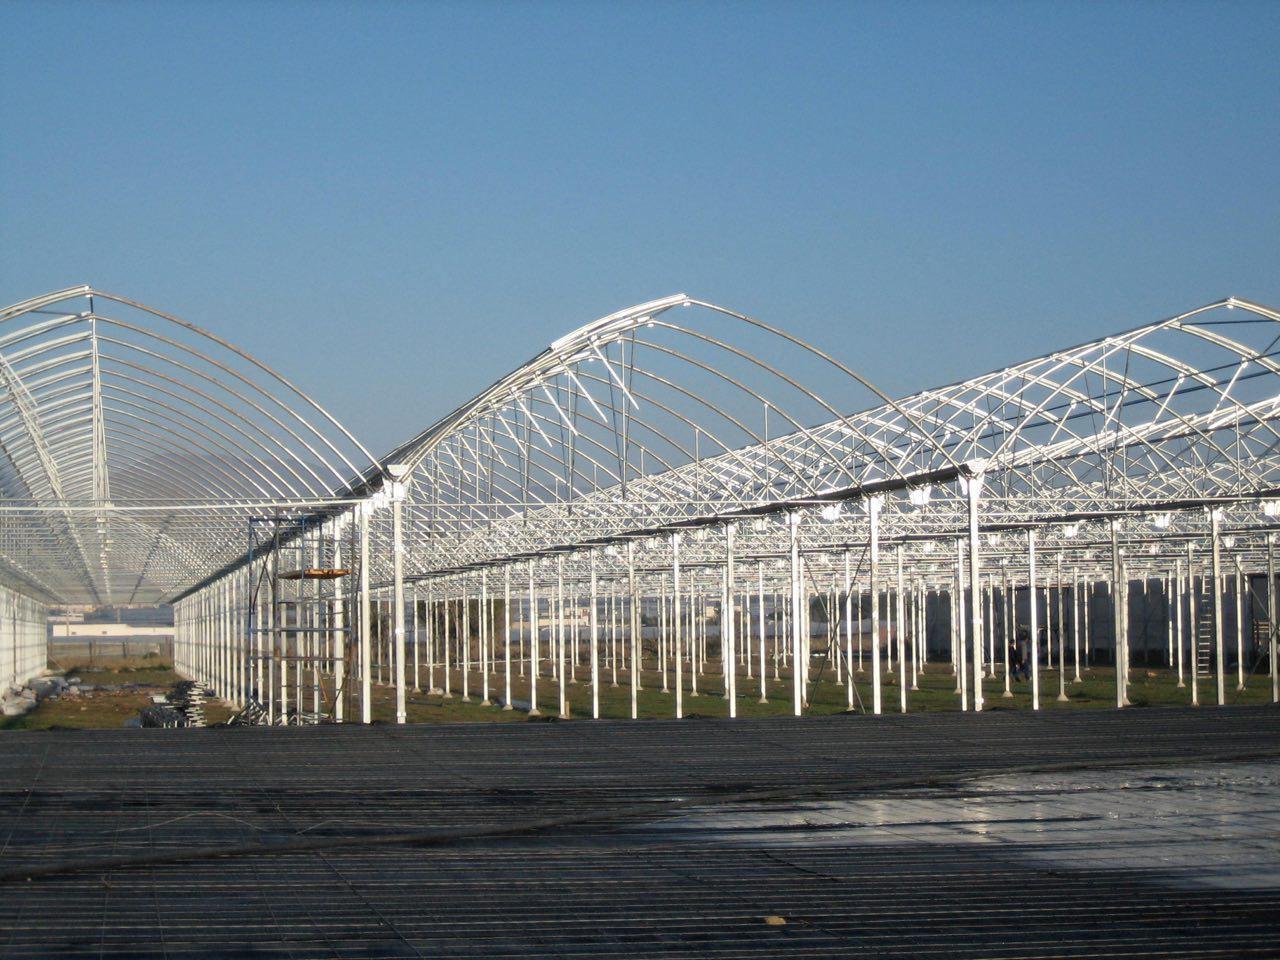 ساخت گلخانه|سازه گلخانه|سازنده گلخانه|گلخانه ساز|شرکت گلخانه ساز